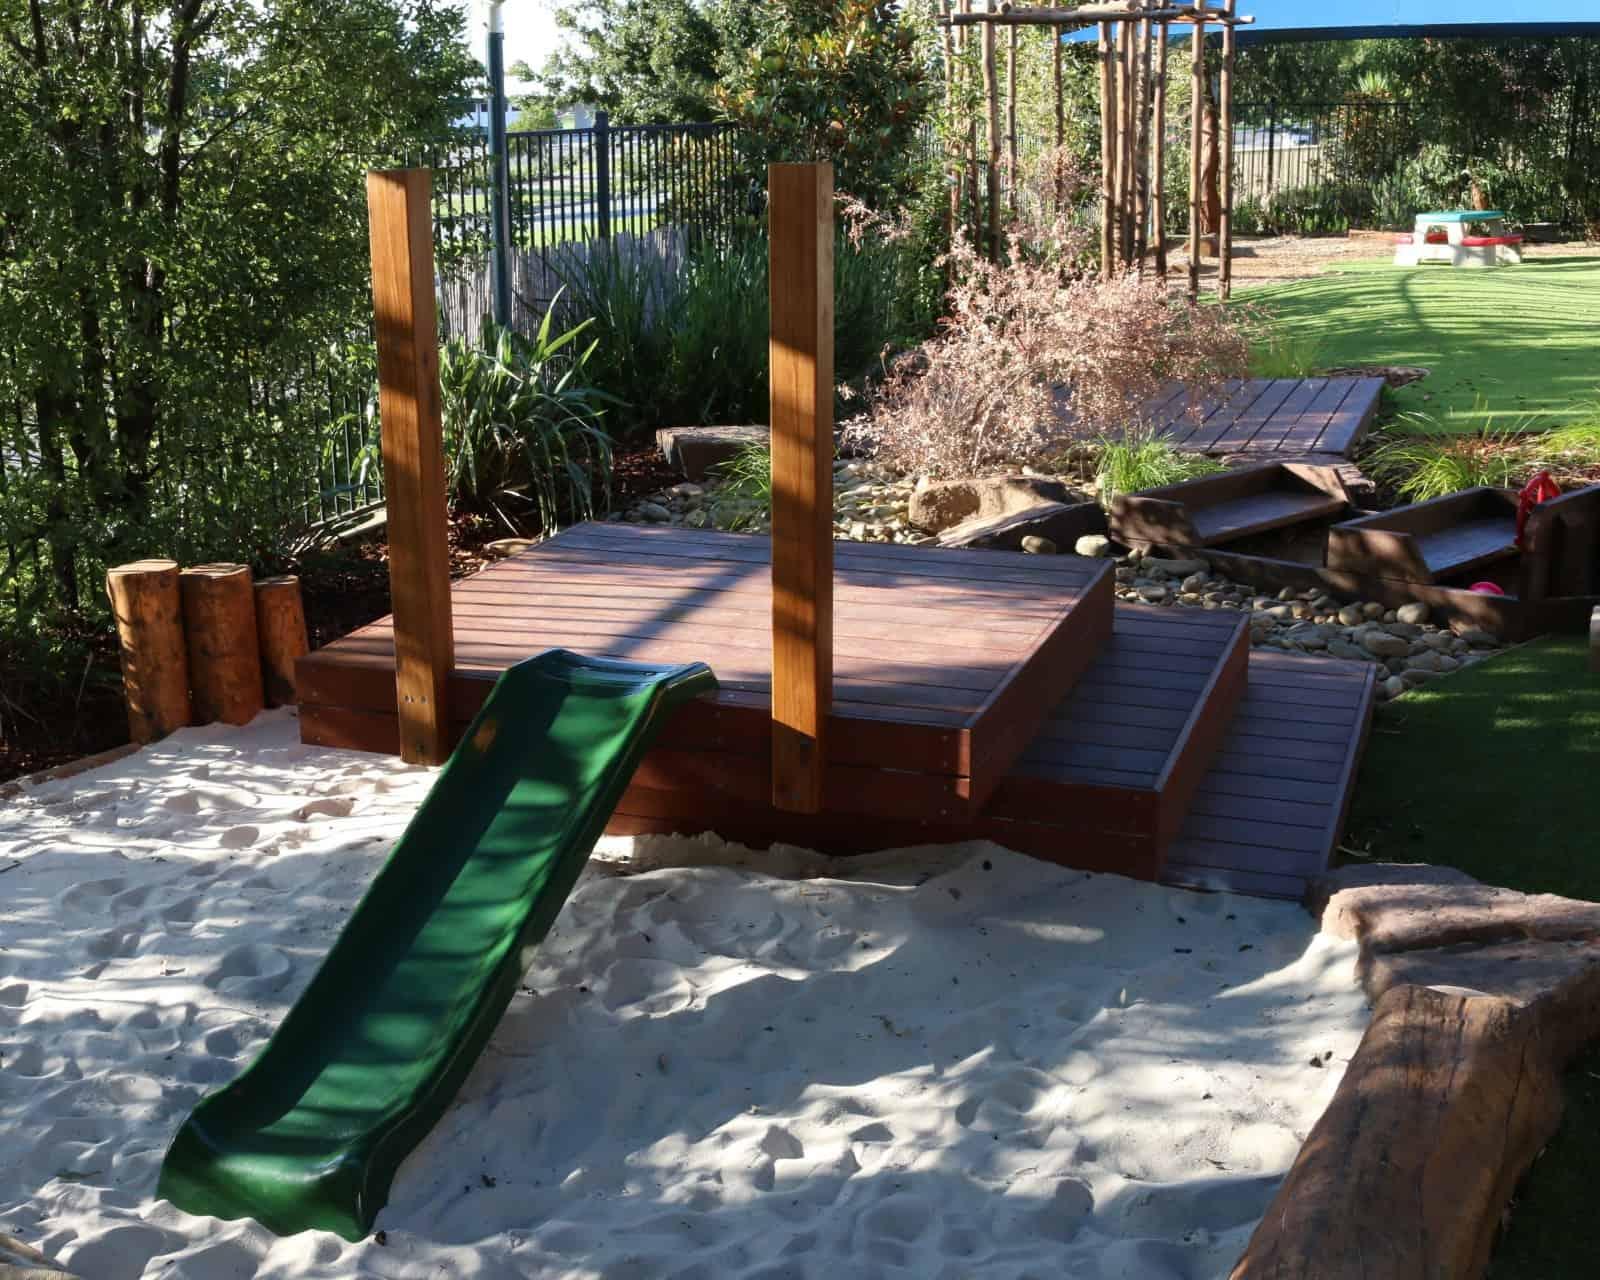 childcare centre Cranbourne - stepped deck - slide - sandpit